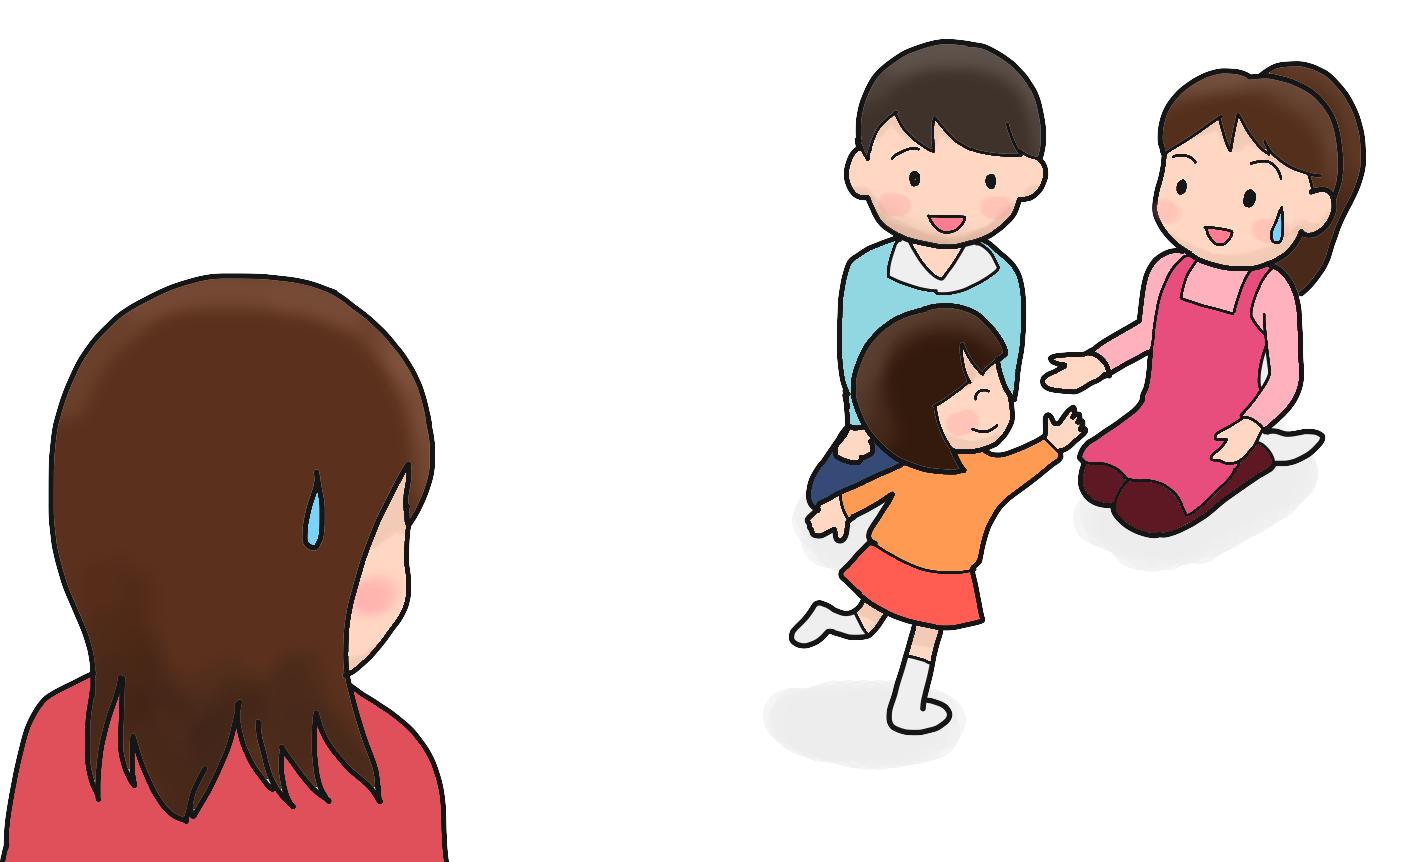 娘が弟夫婦にベッタリ。愛情不足なのでしょうか?